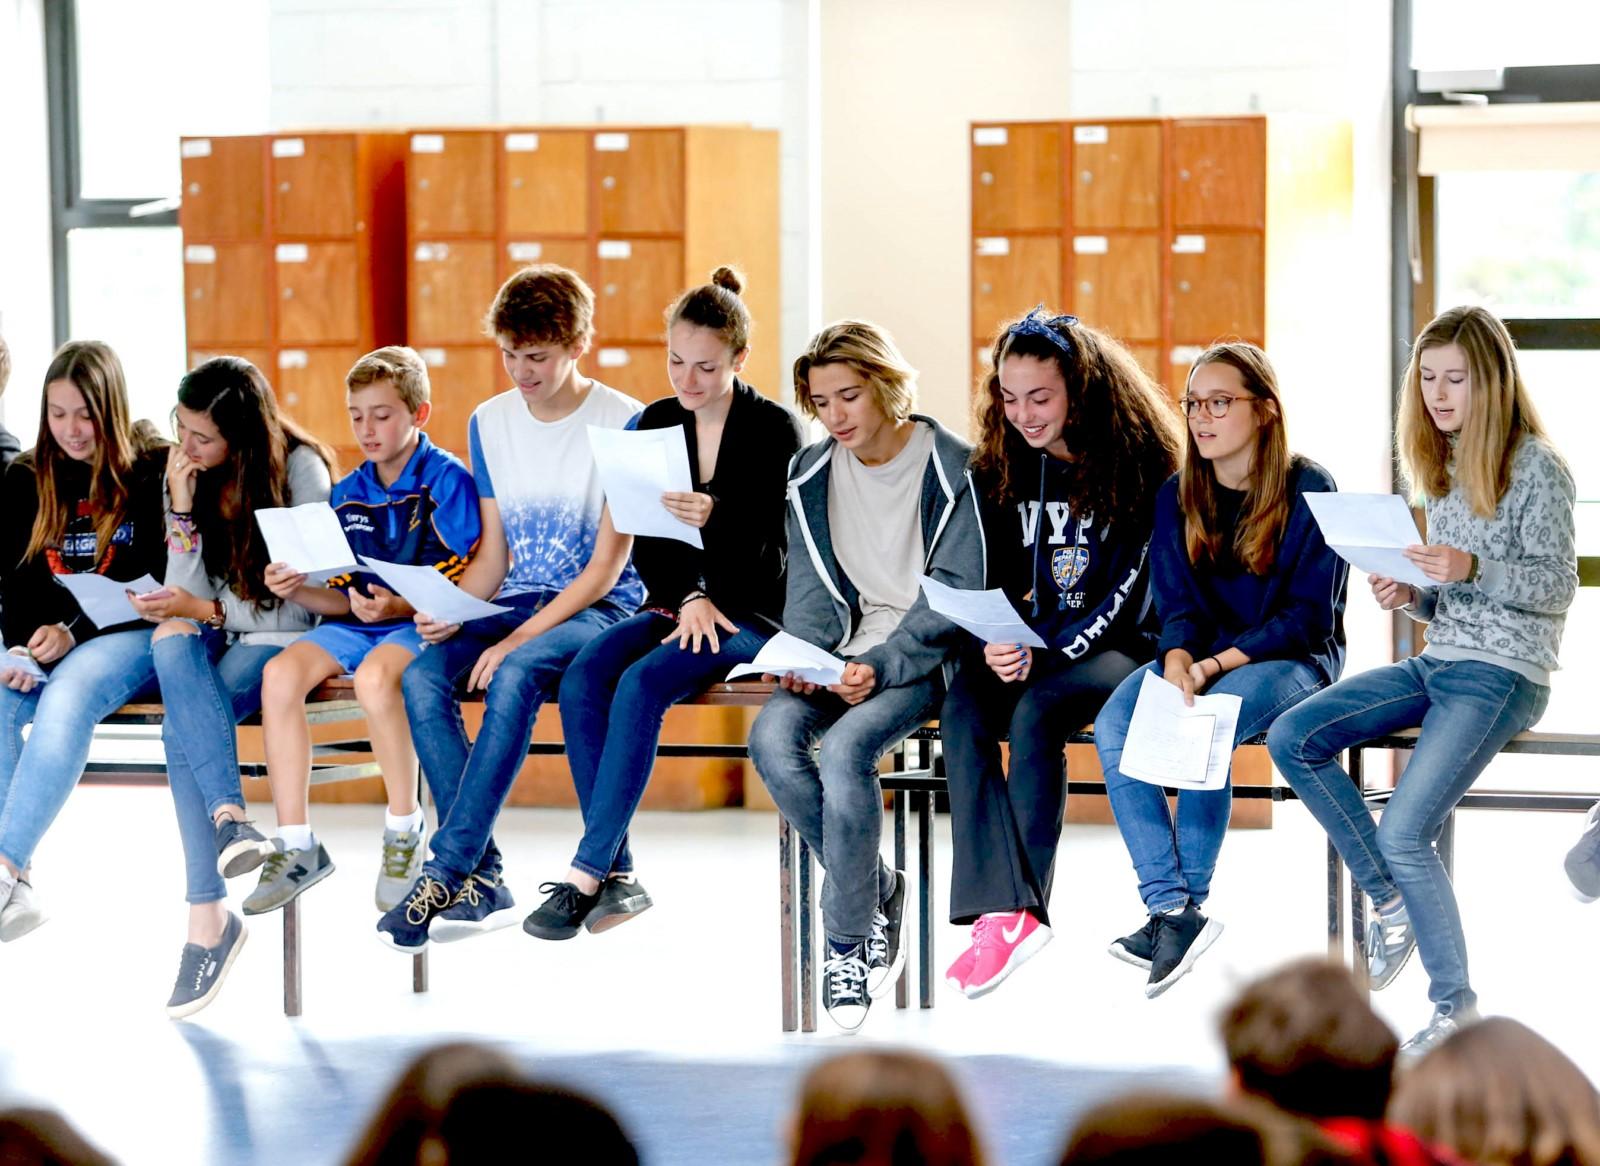 Séjour Linguistique d'anglais plus equitation avec GAMA Study